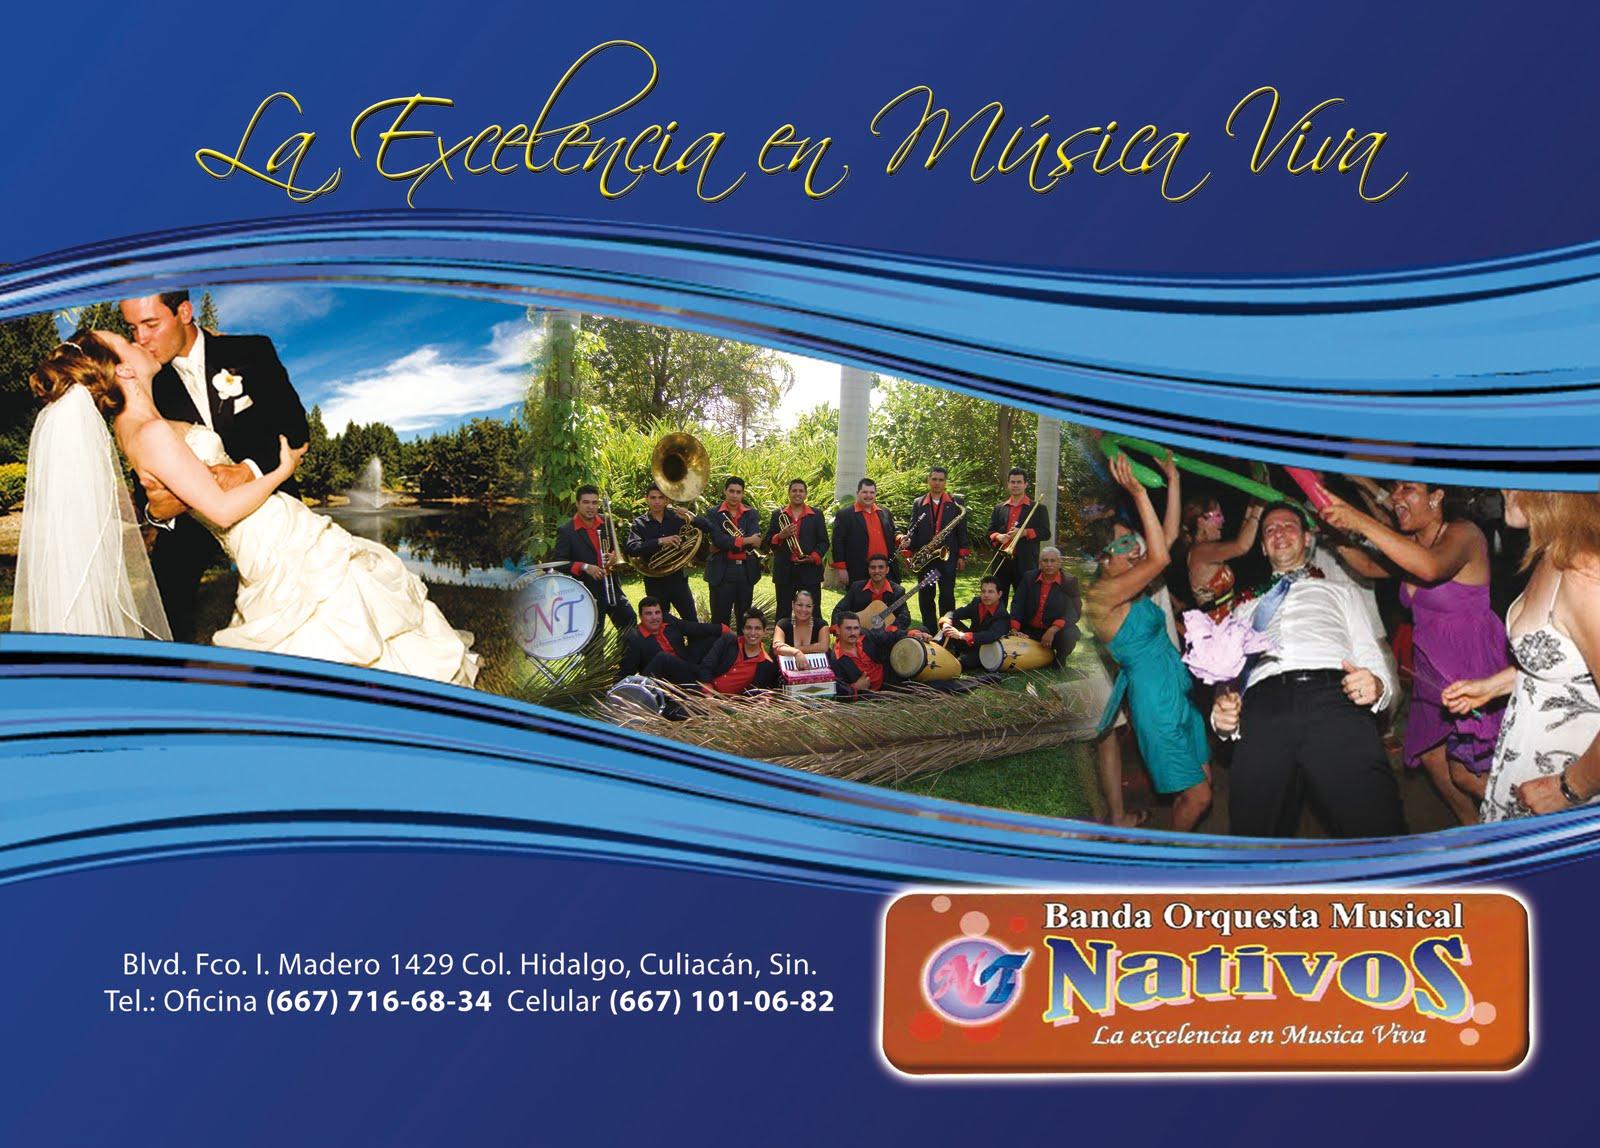 Musical Nativos